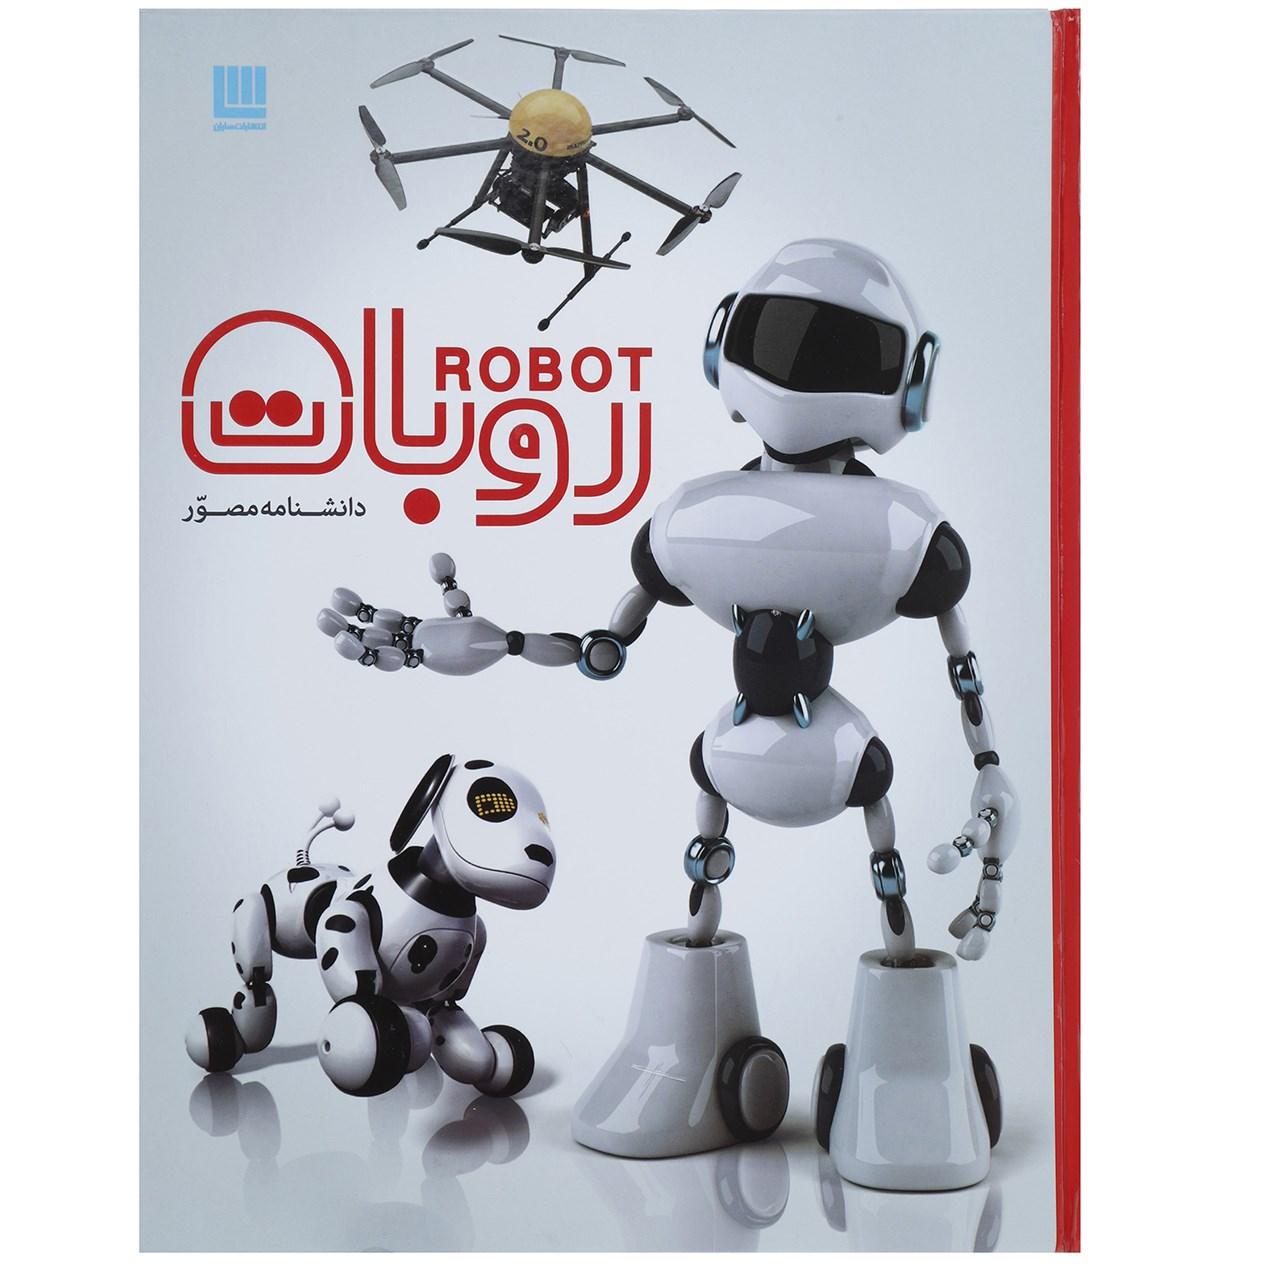 کتاب دانشنامه مصور روبات اثر روجر بریجمن